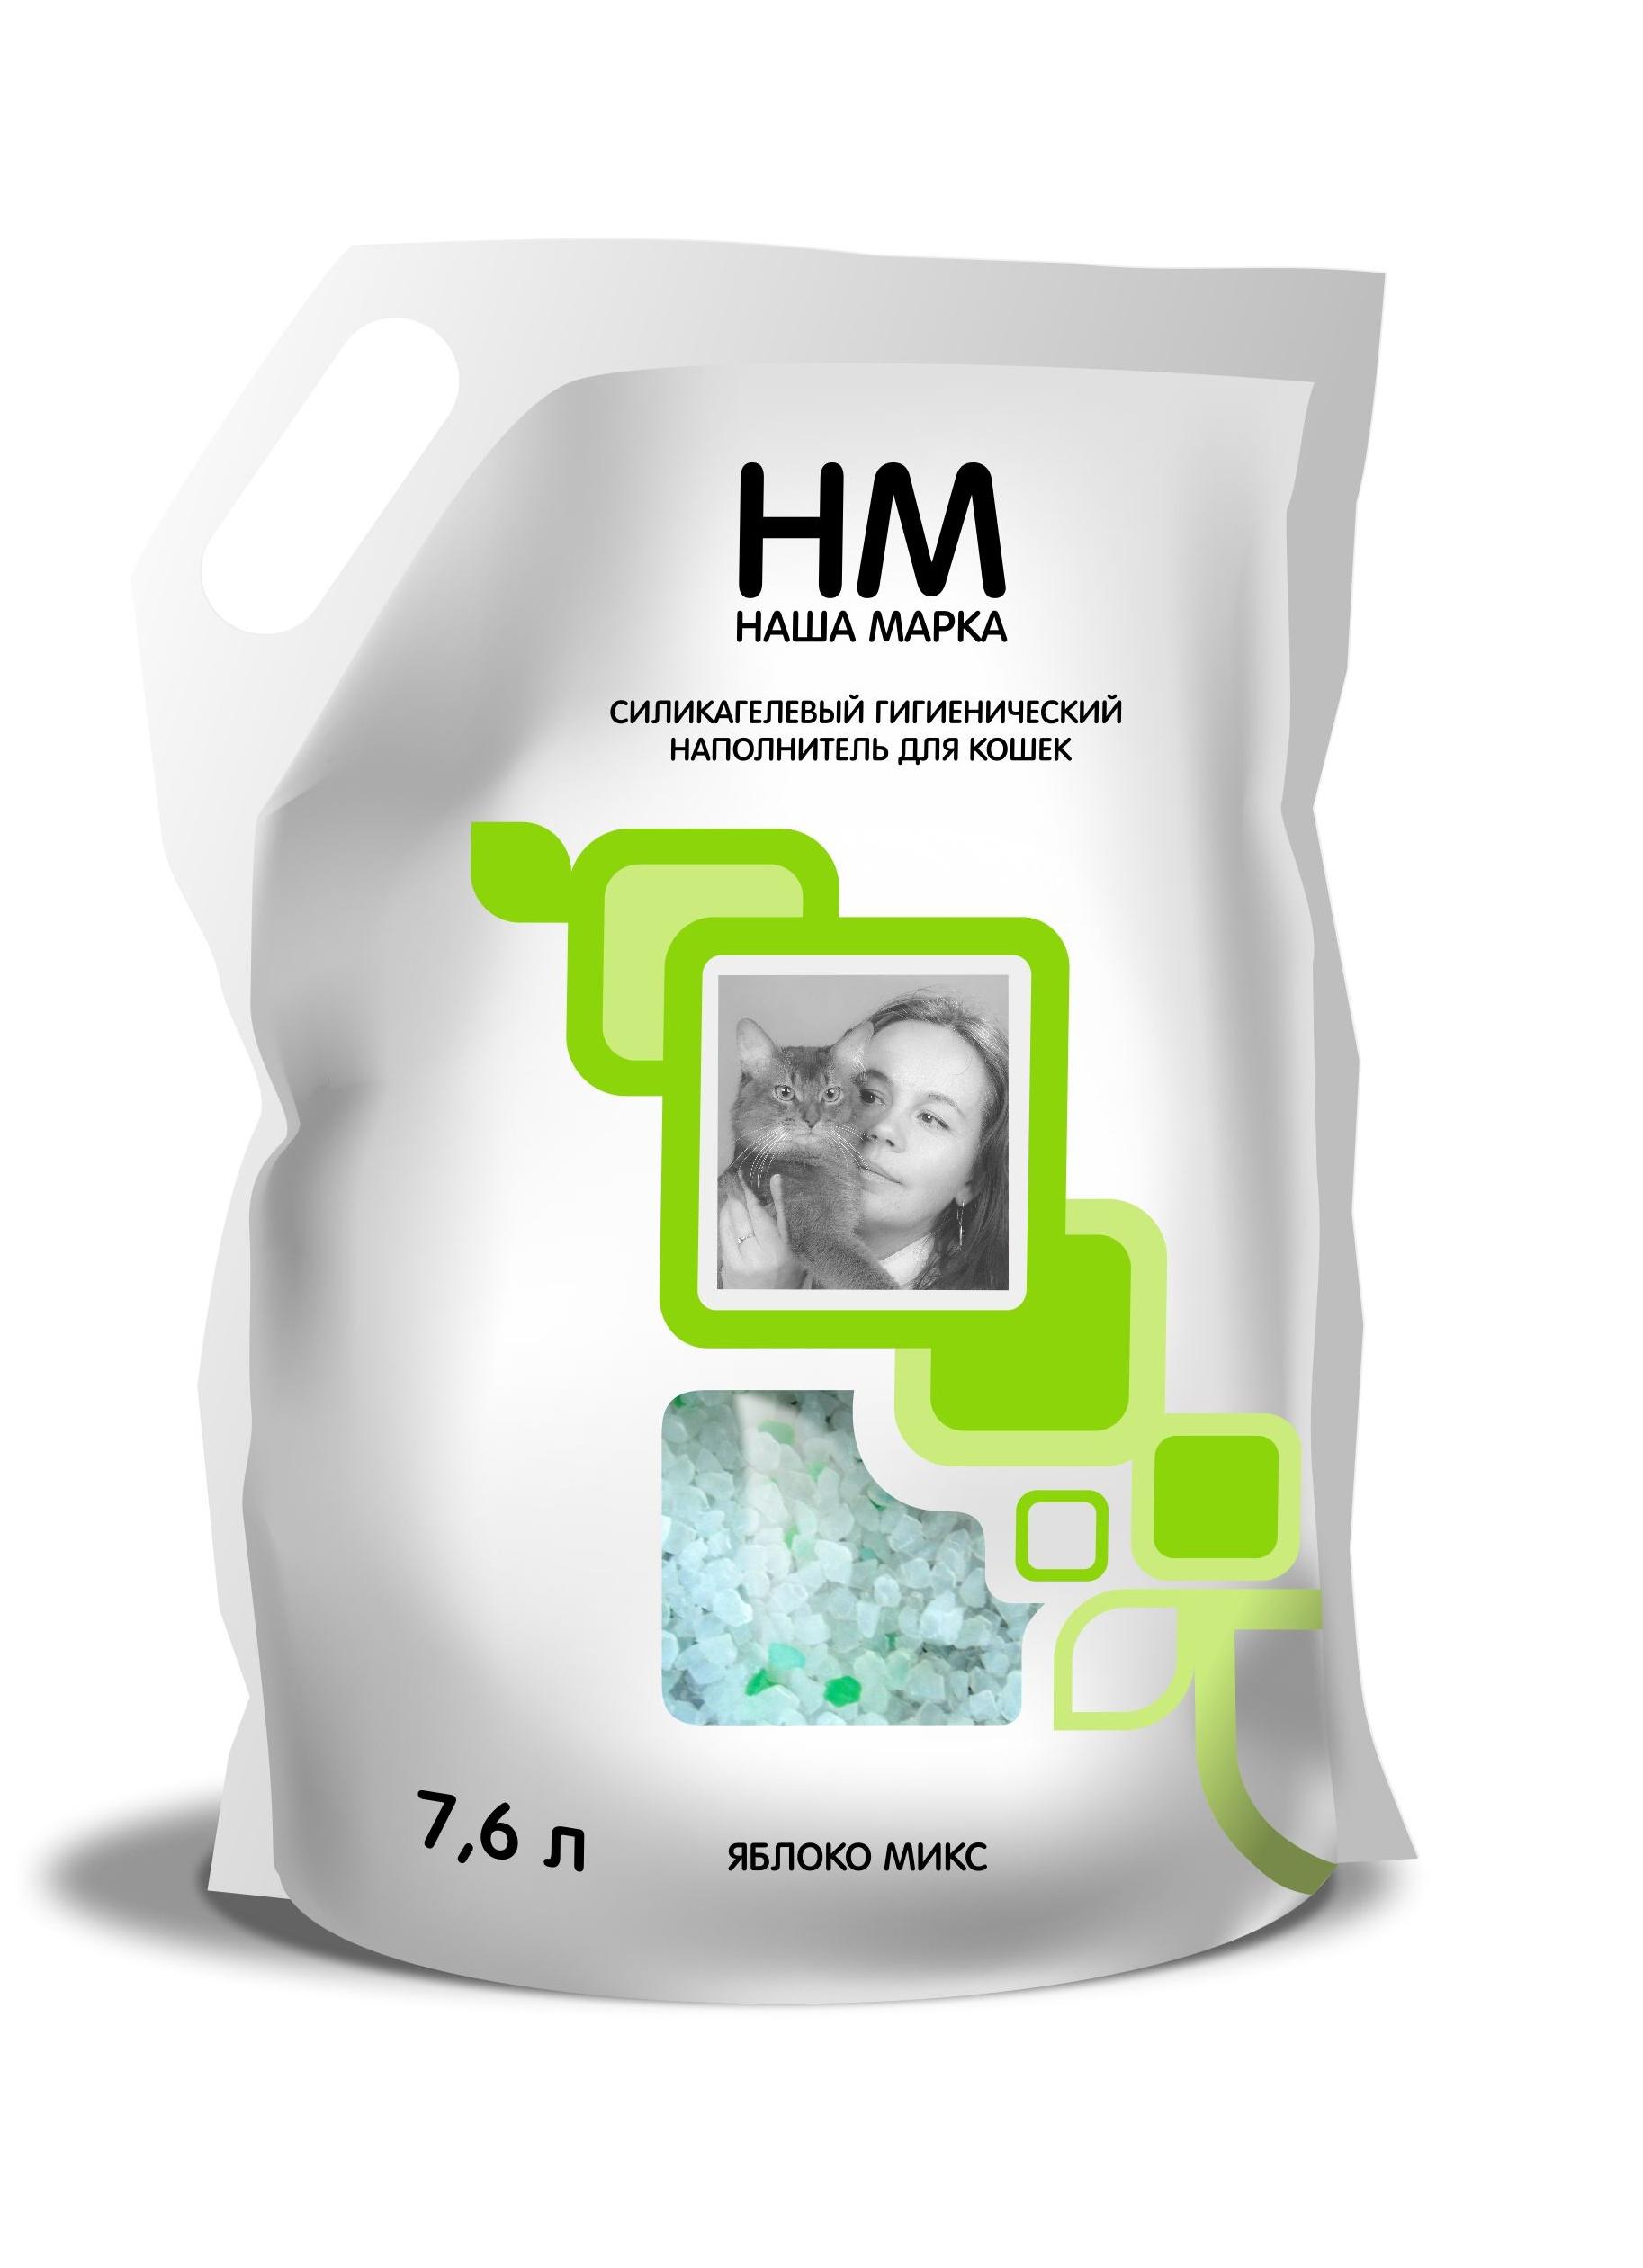 Наполнитель НМ силикагелевый для кошек 16л яблоко микс Kormberi.ru магазин товаров для ваших животных